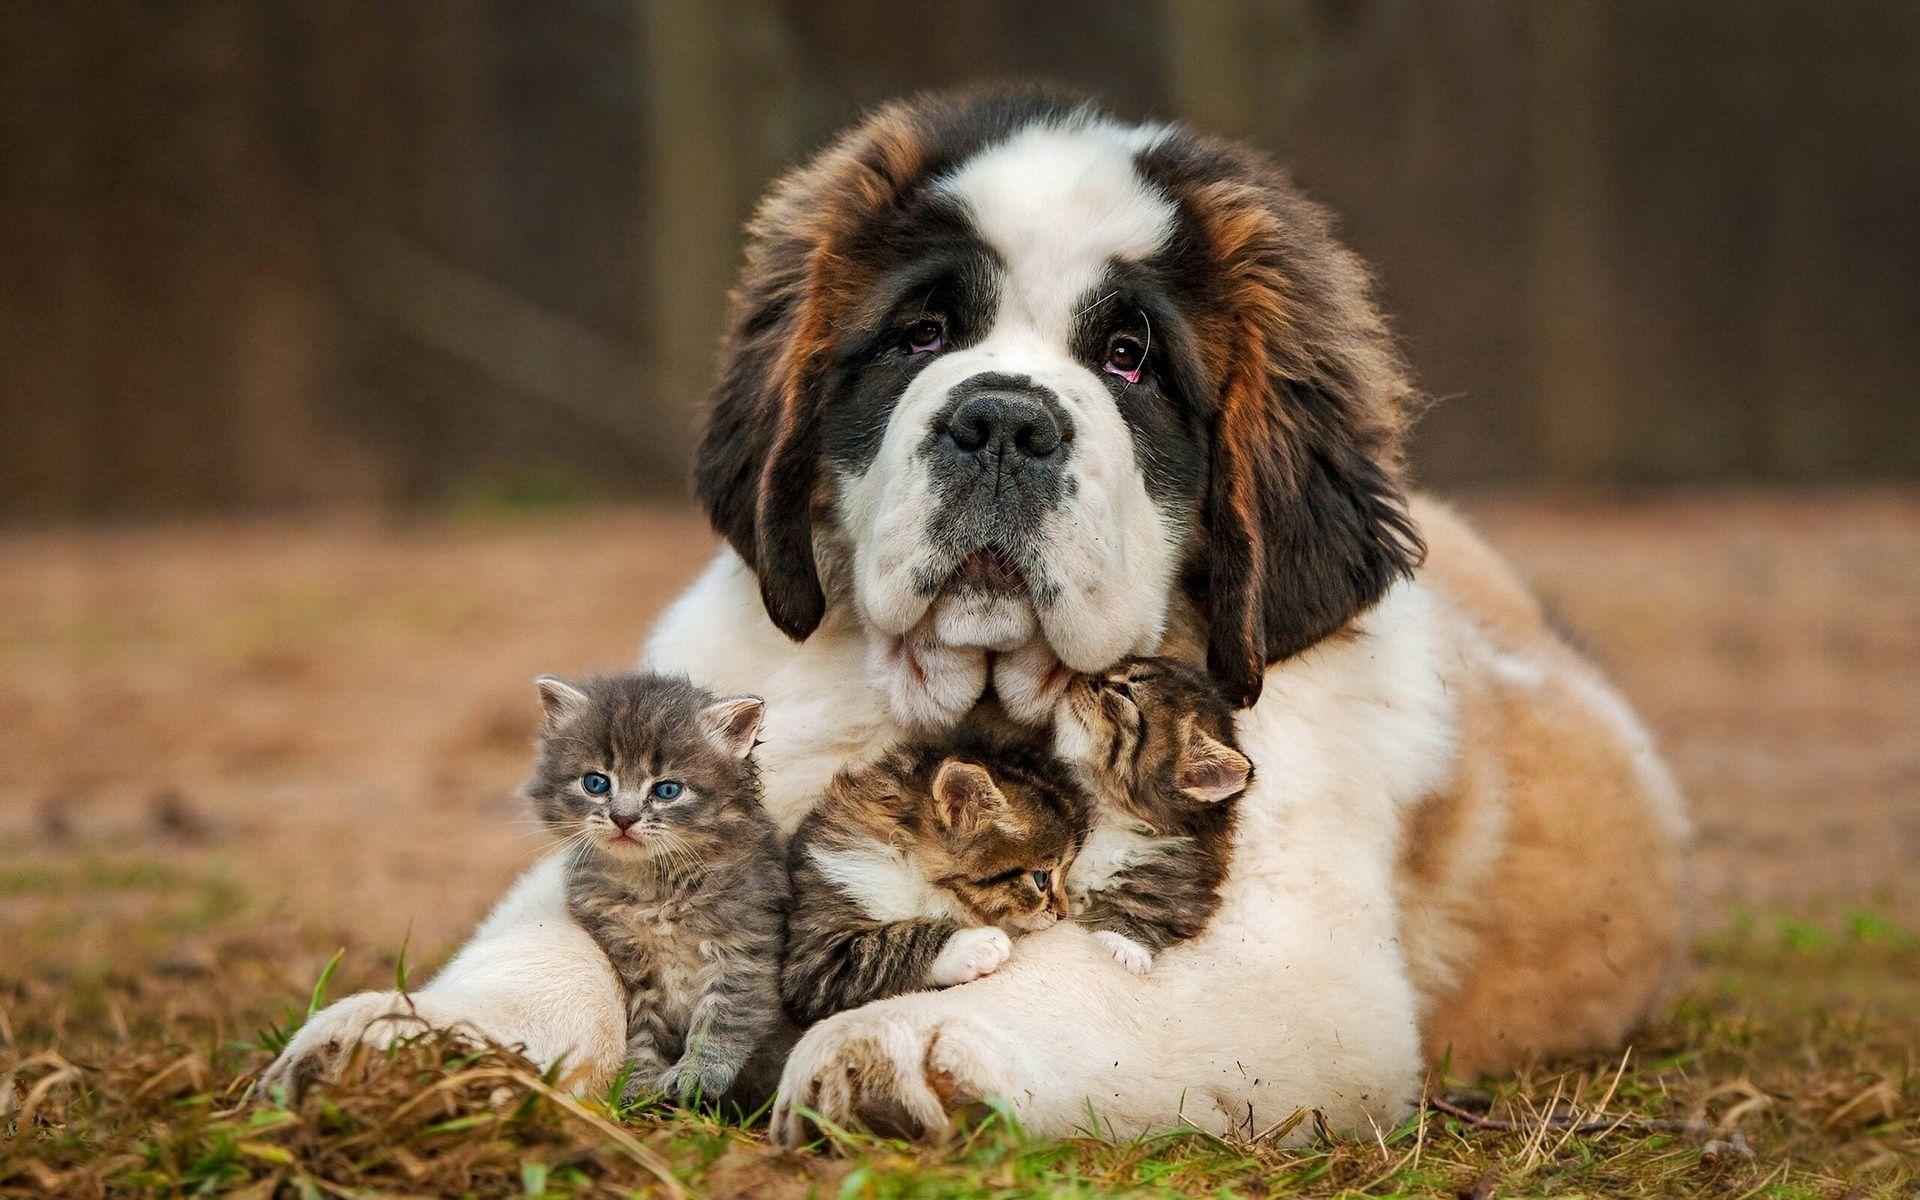 Saint Bernard Puppy Hugs Newborn Three Little Kittens Cute